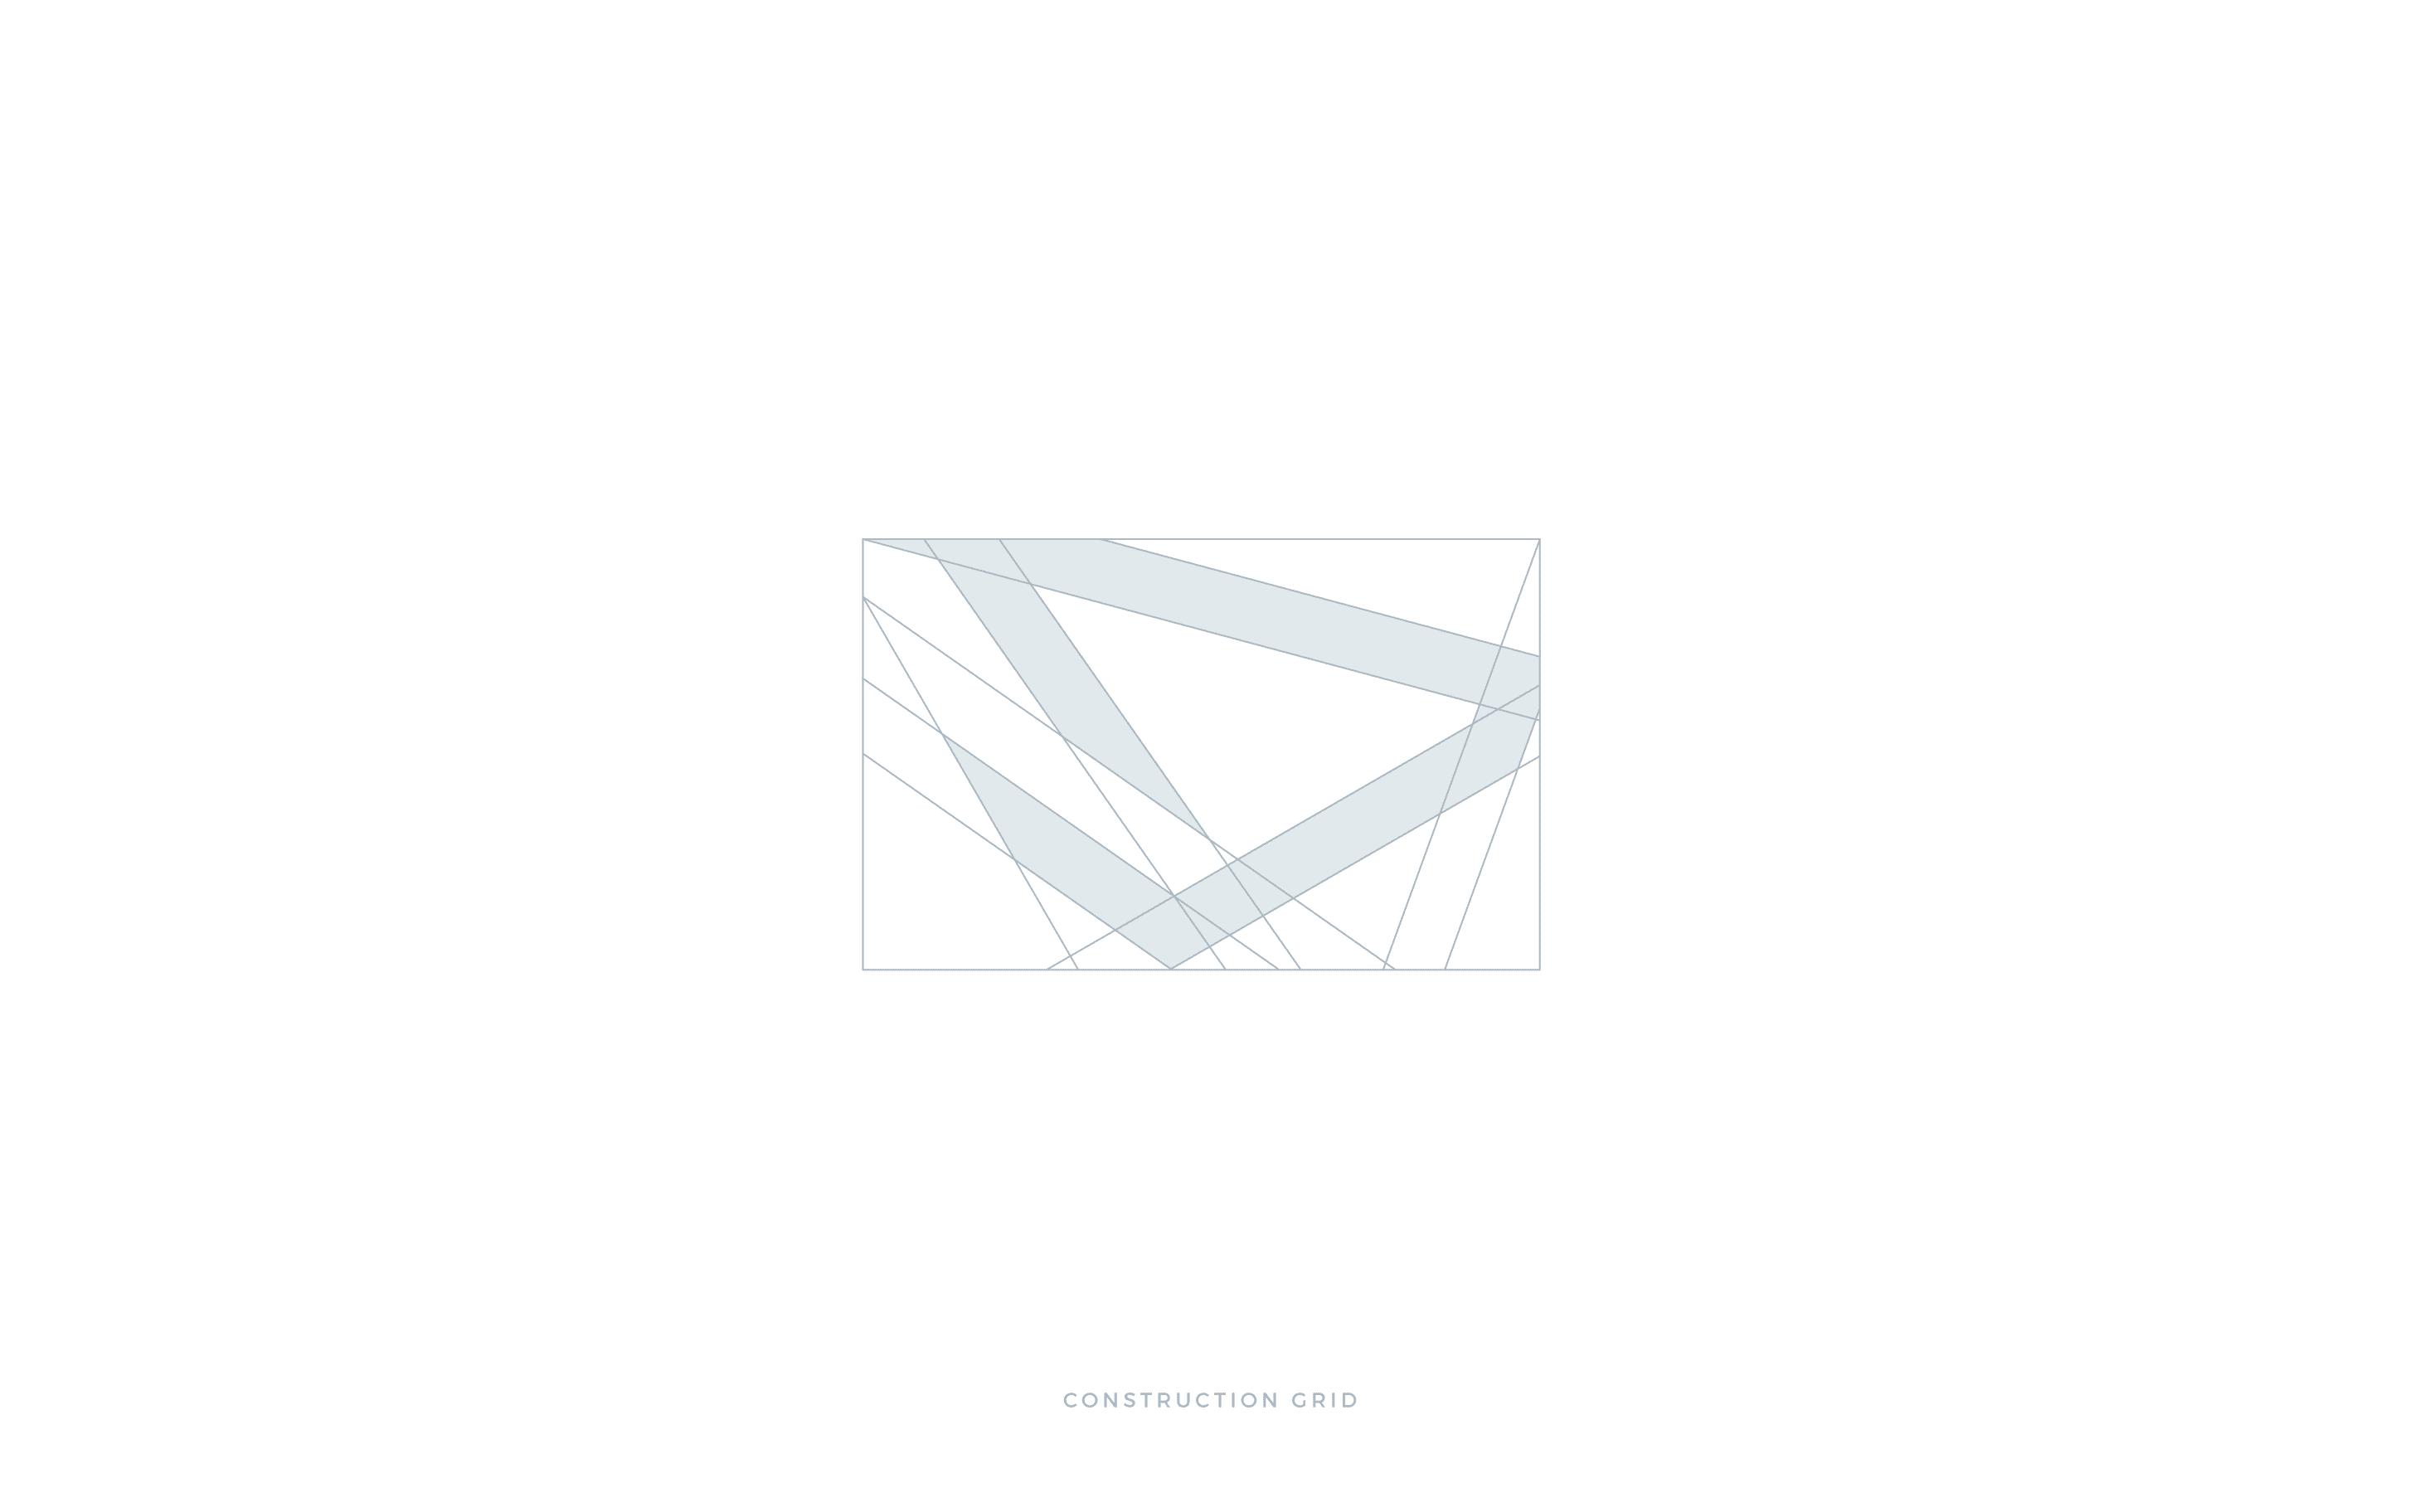 DLION griglia costruzione pittogramma logo